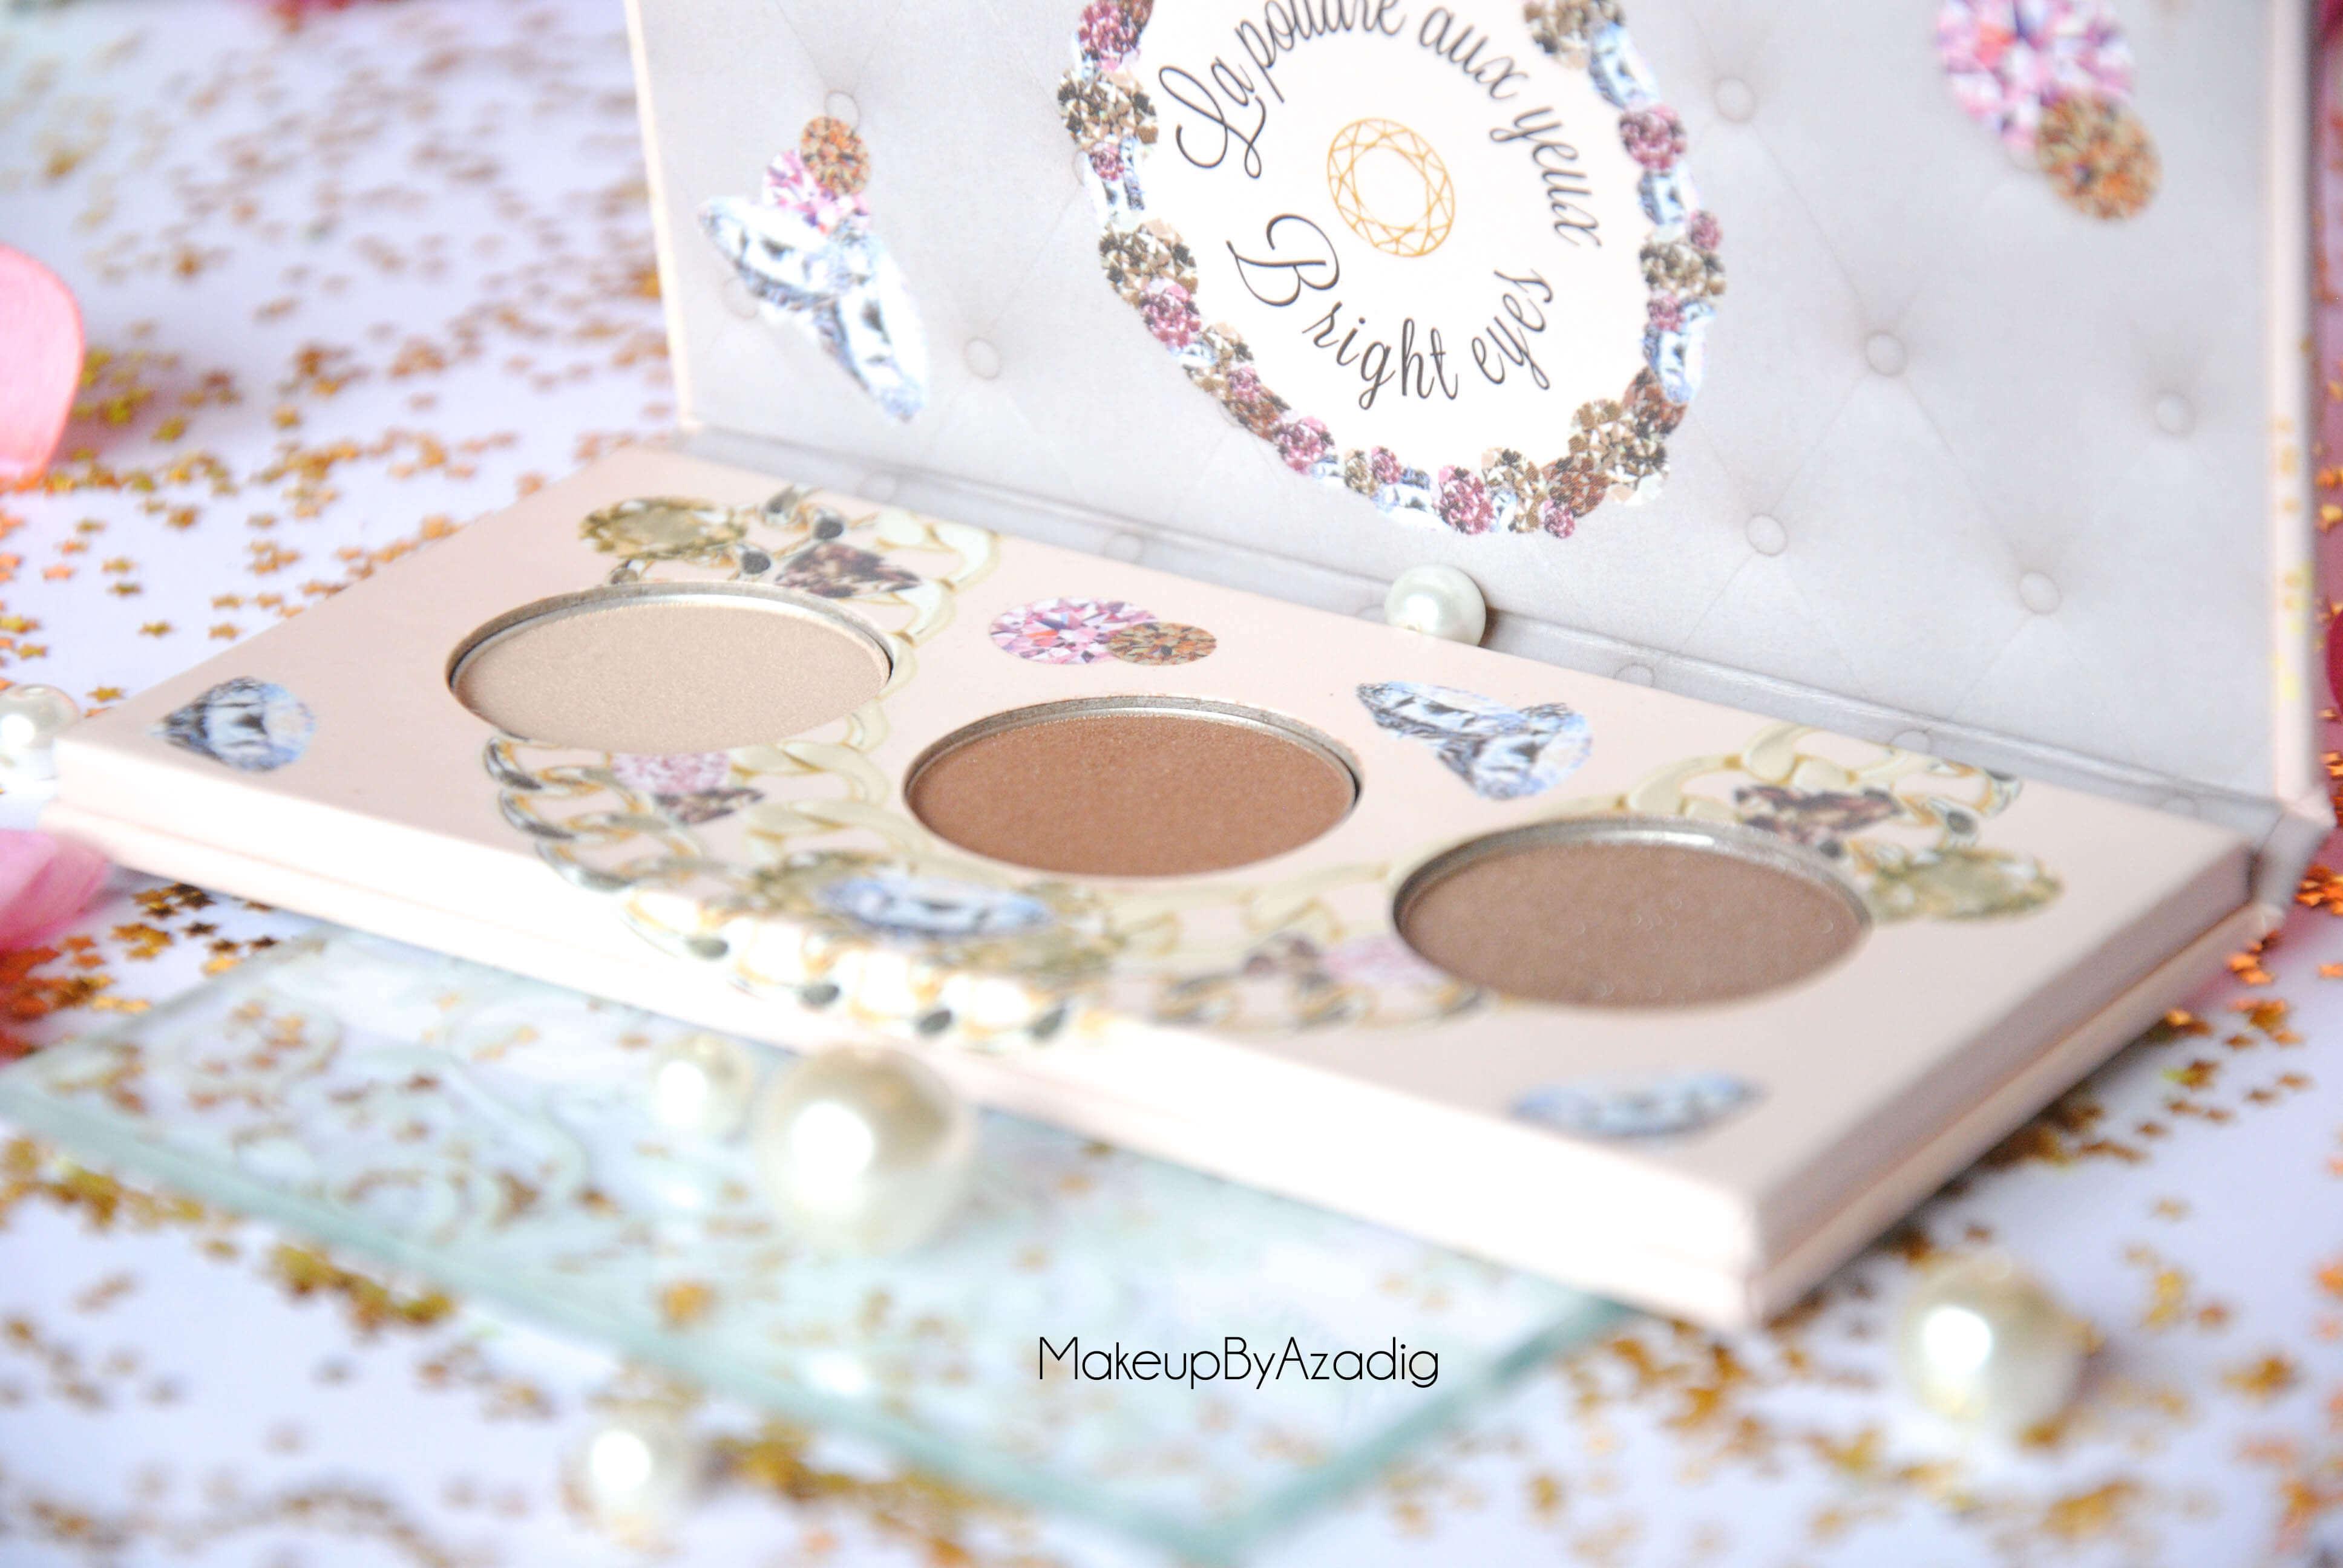 makeupbyazadig-palette-fards-paupieres-lollipops-paris-precieuse-monoprix-sephora-troyes-blog-revue-gold